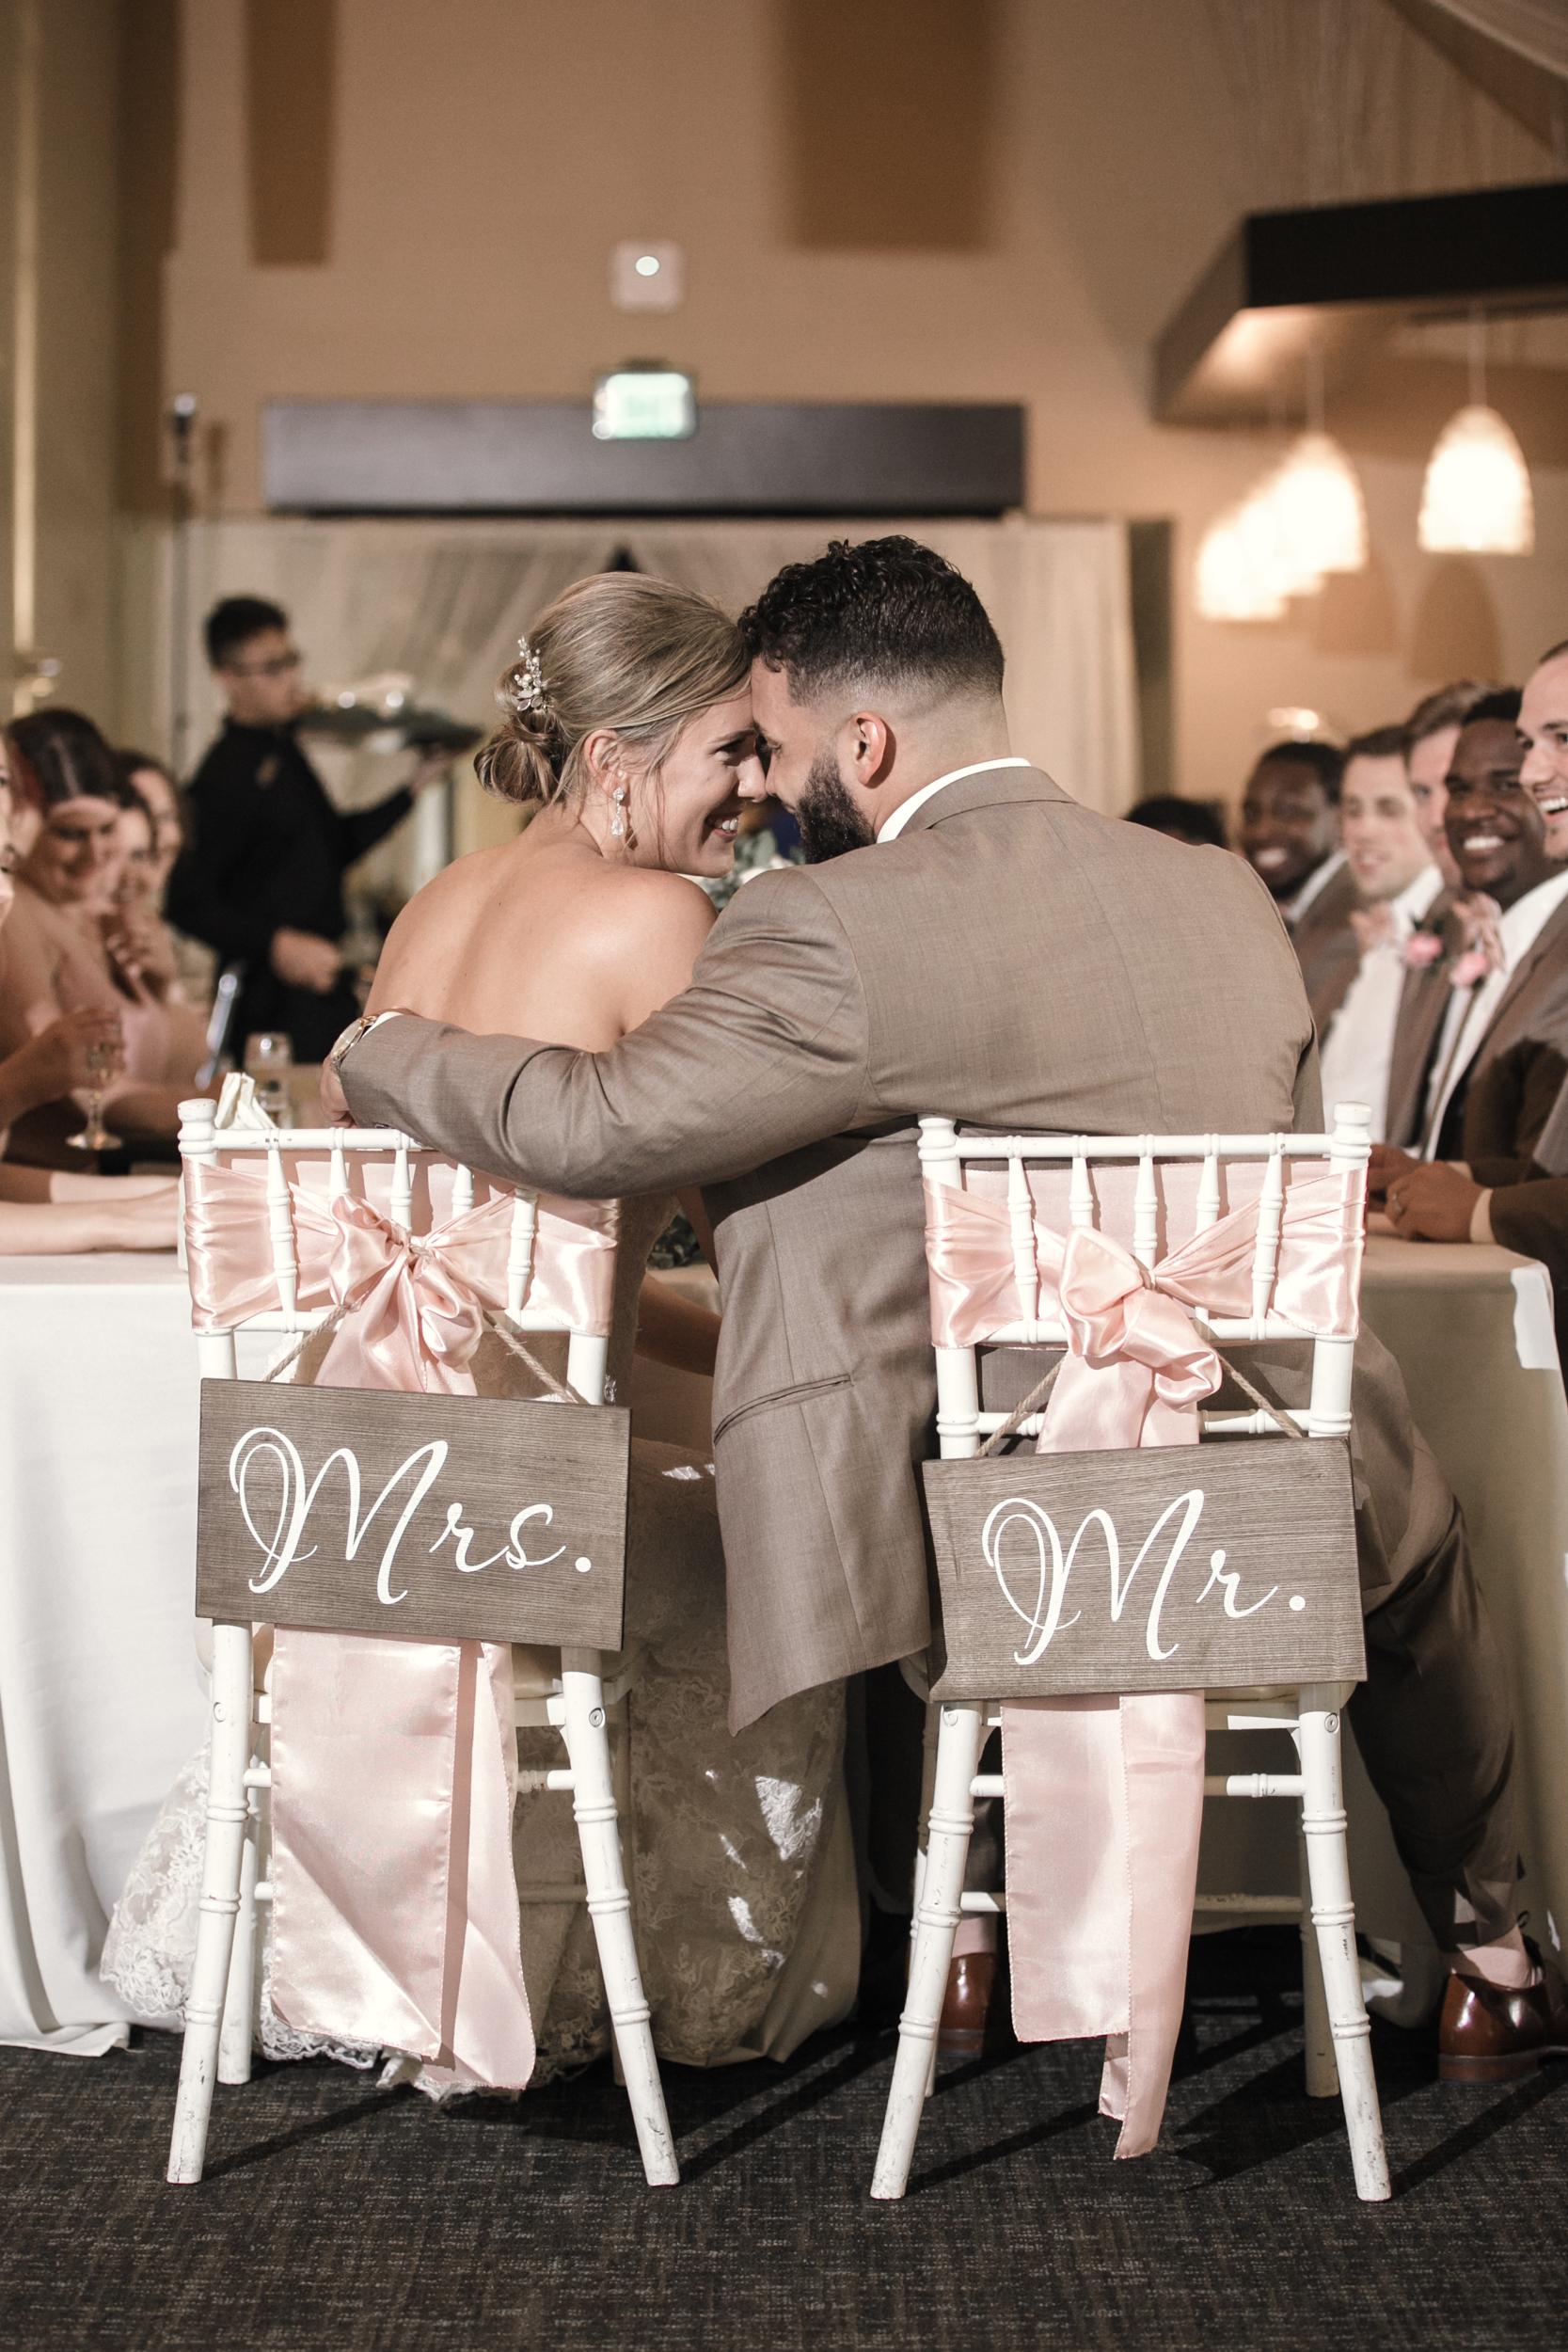 dellwood country club wedding*, Dellwood Country Club*, golf course wedding*, green golf course*, rose pink wedding details*-www.rachelsmak.com63.jpg